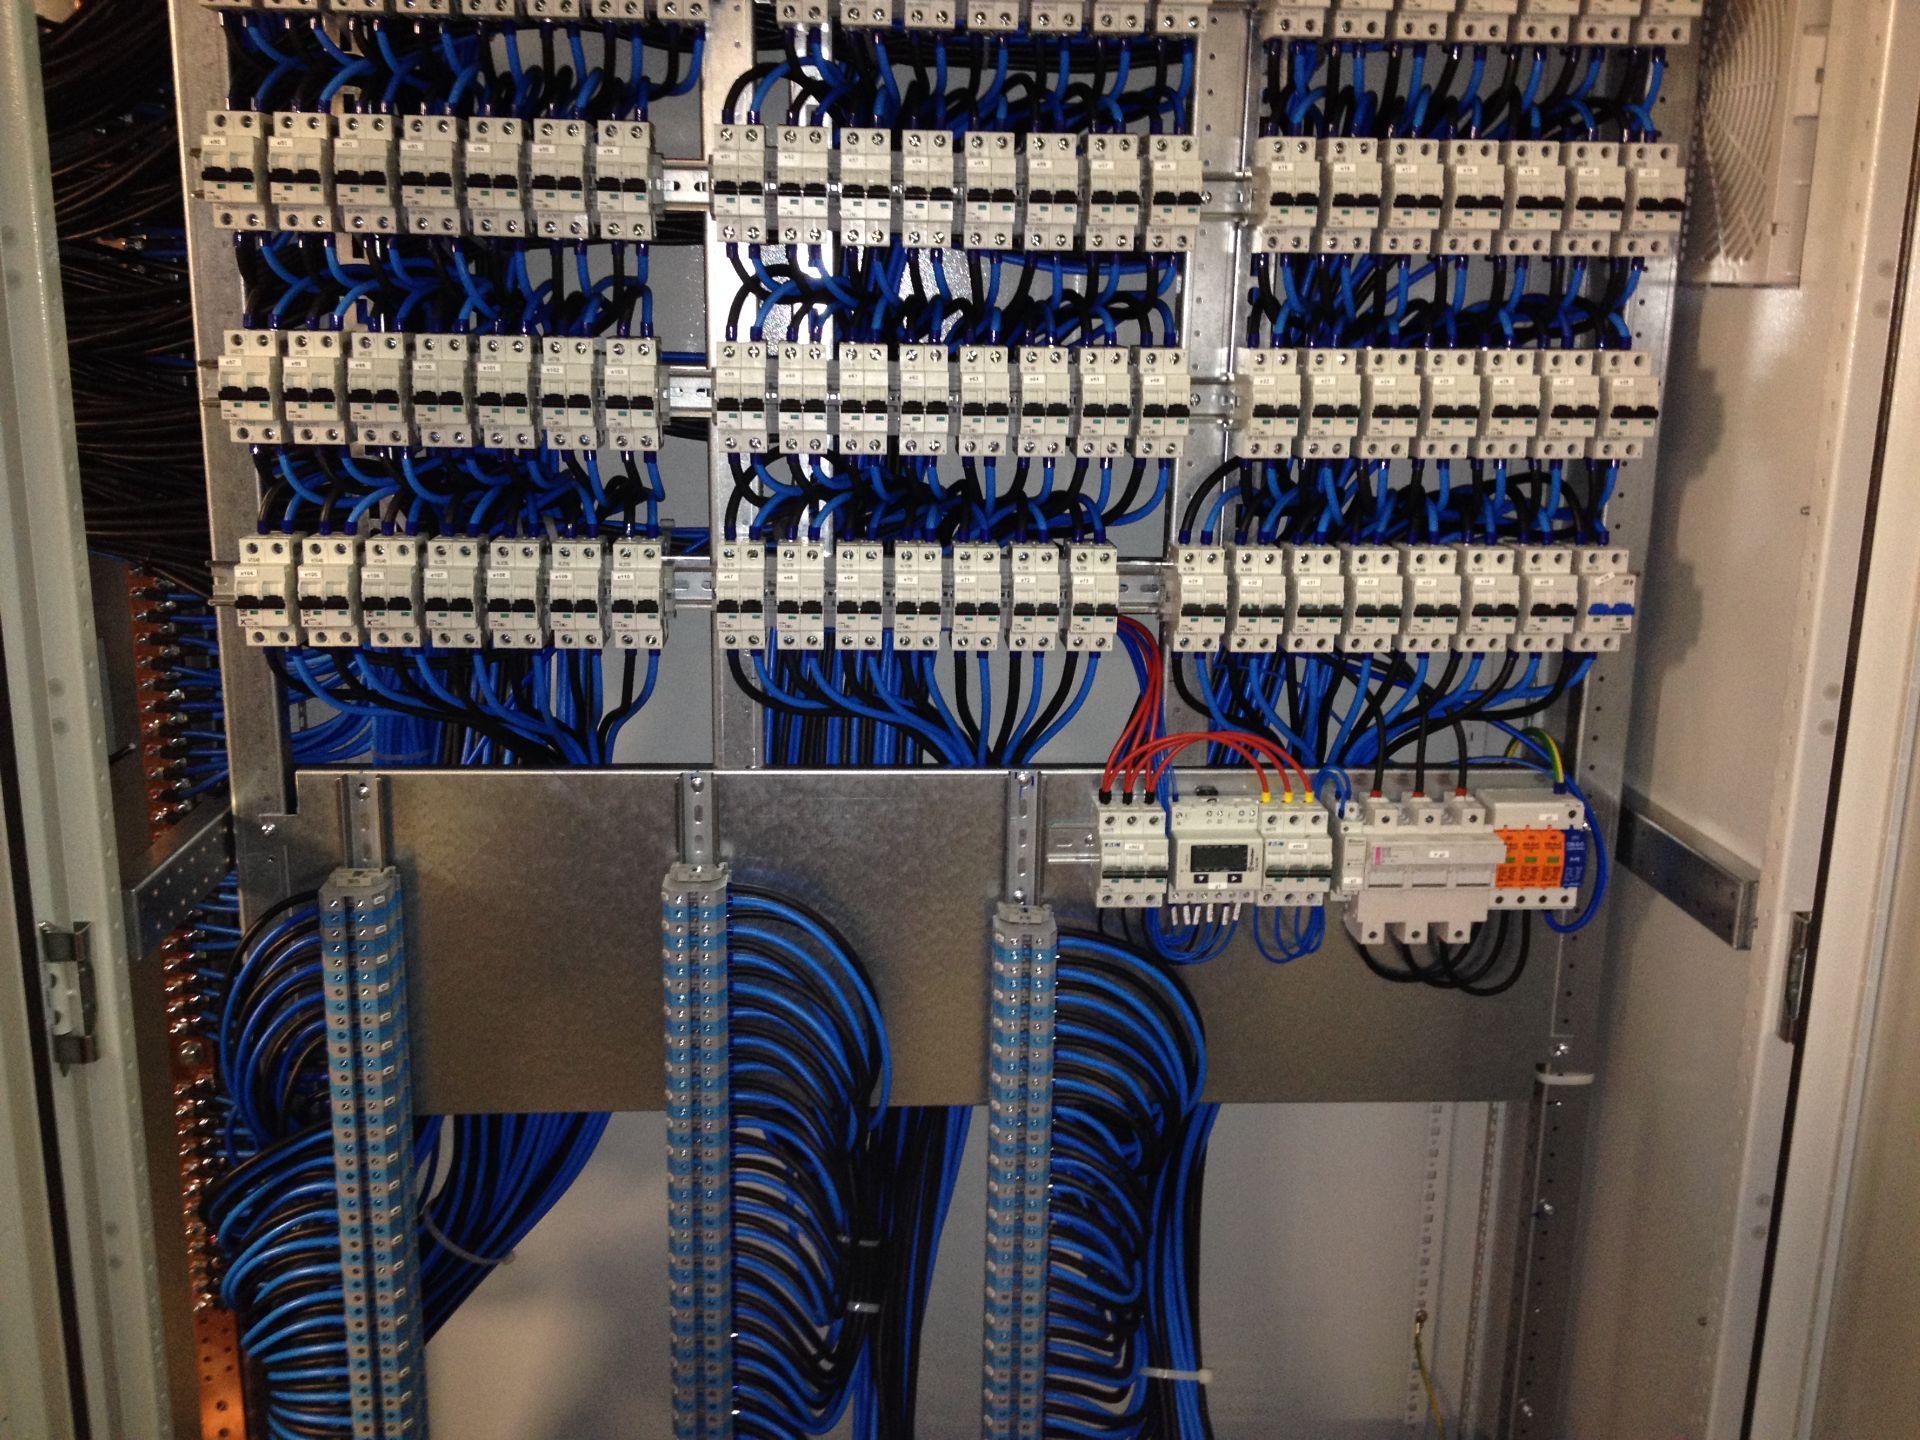 Tablouri electrice și automatizări IMG 2146